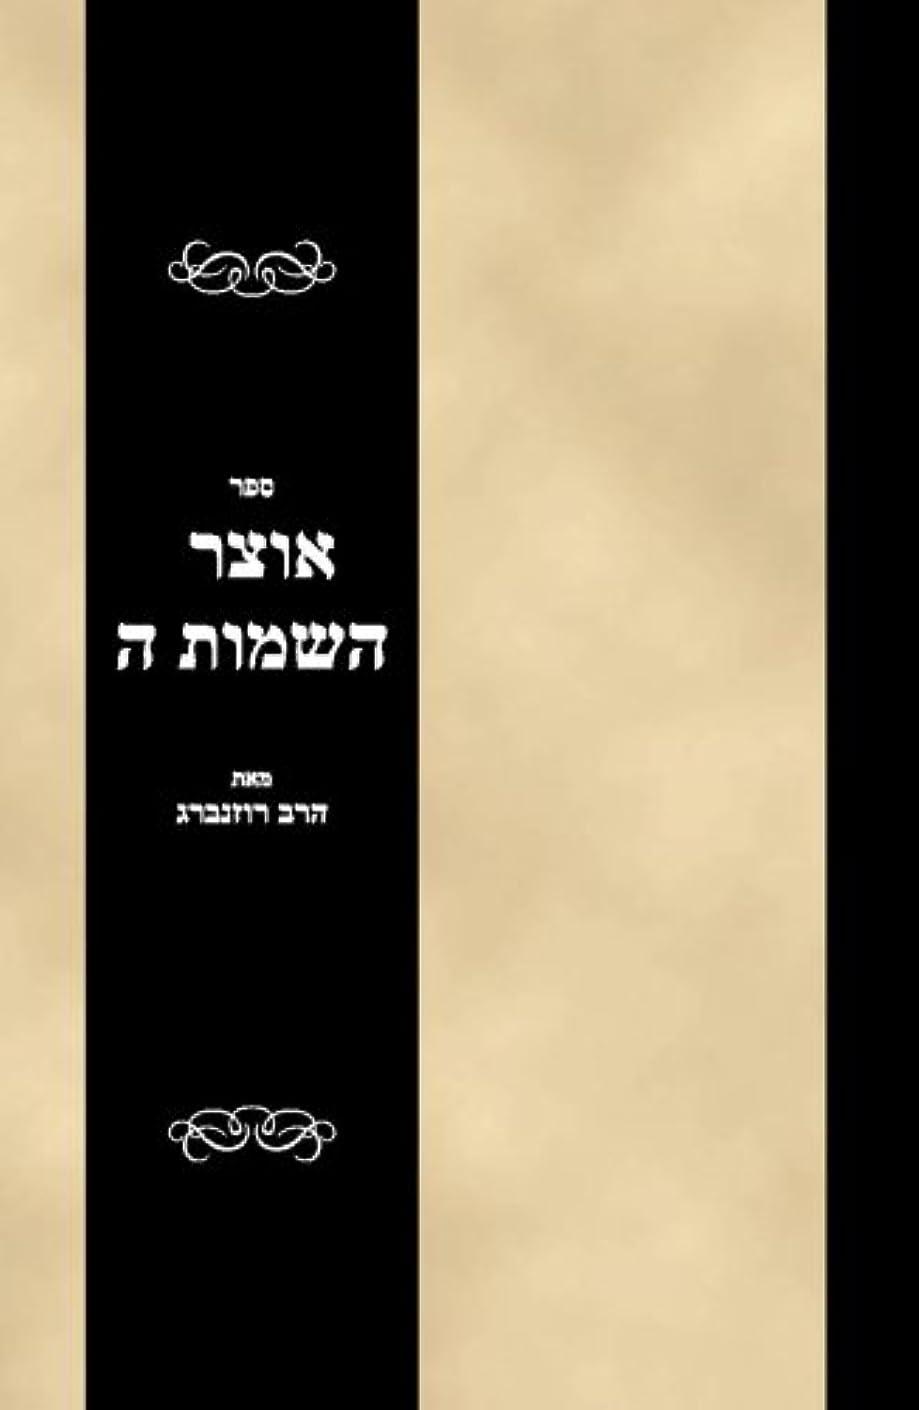 レーザアクティブ有罪Sefer Otzar haShemos Vol 5